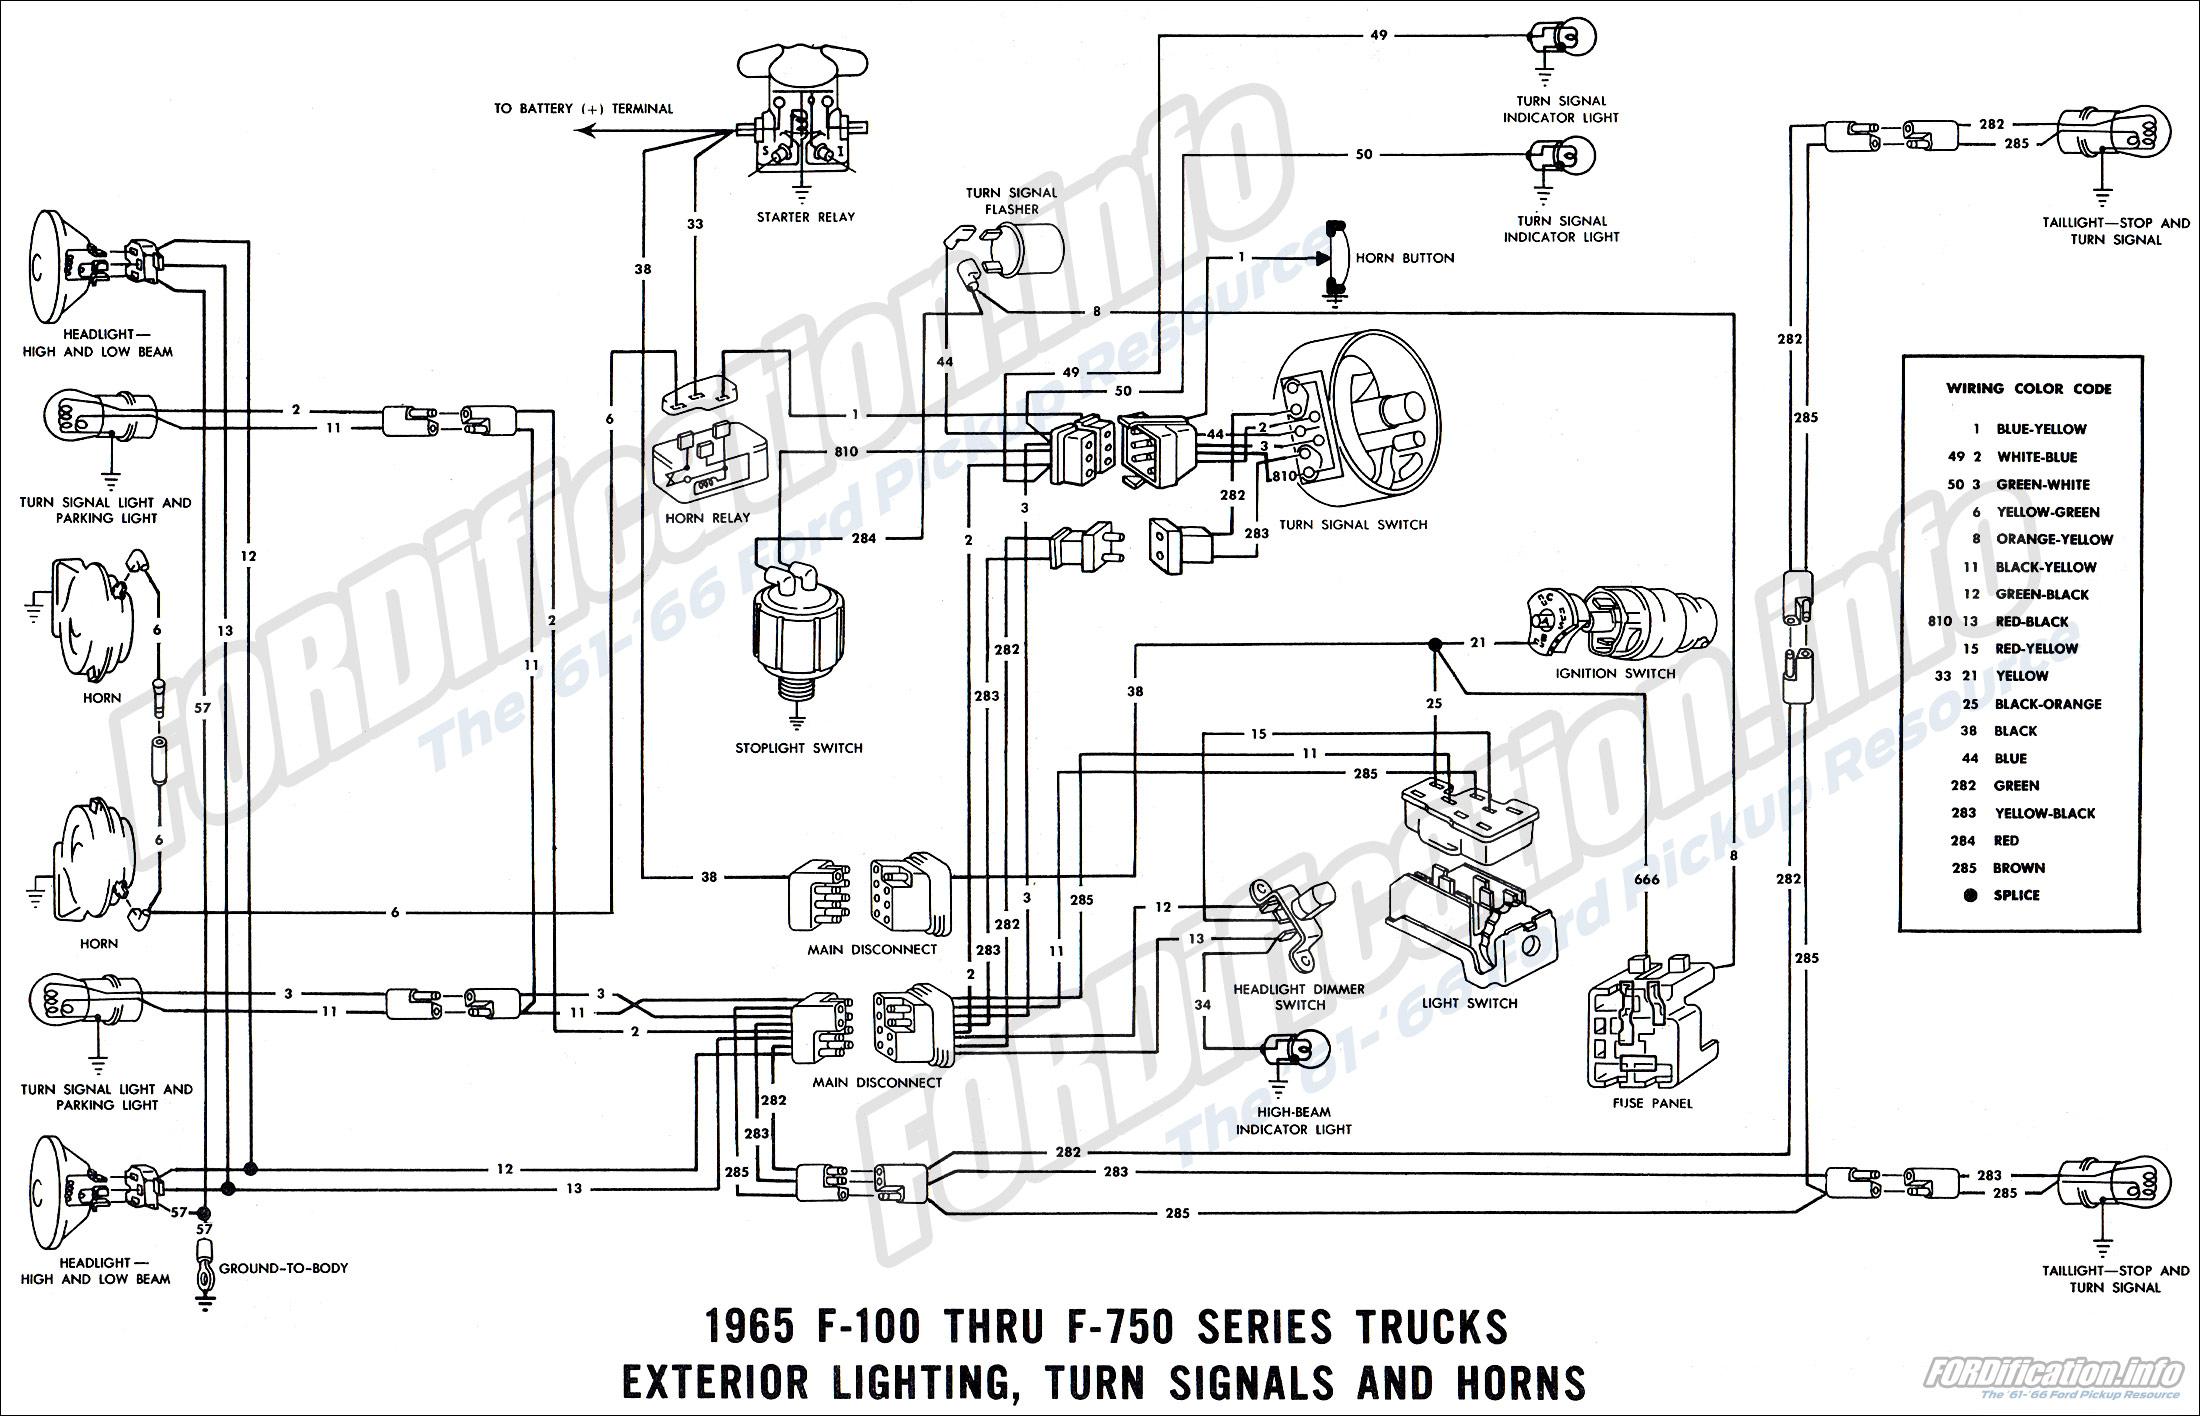 windshield wiper wiring diagram 1967 ford f100 1967 f 100 trusted single coil wiring diagram 1967 f 100 wiring diagrams coil enthusiast wiring diagrams \\u2022 windshield wiper wiring diagram 1967 ford f100 1967 f 100